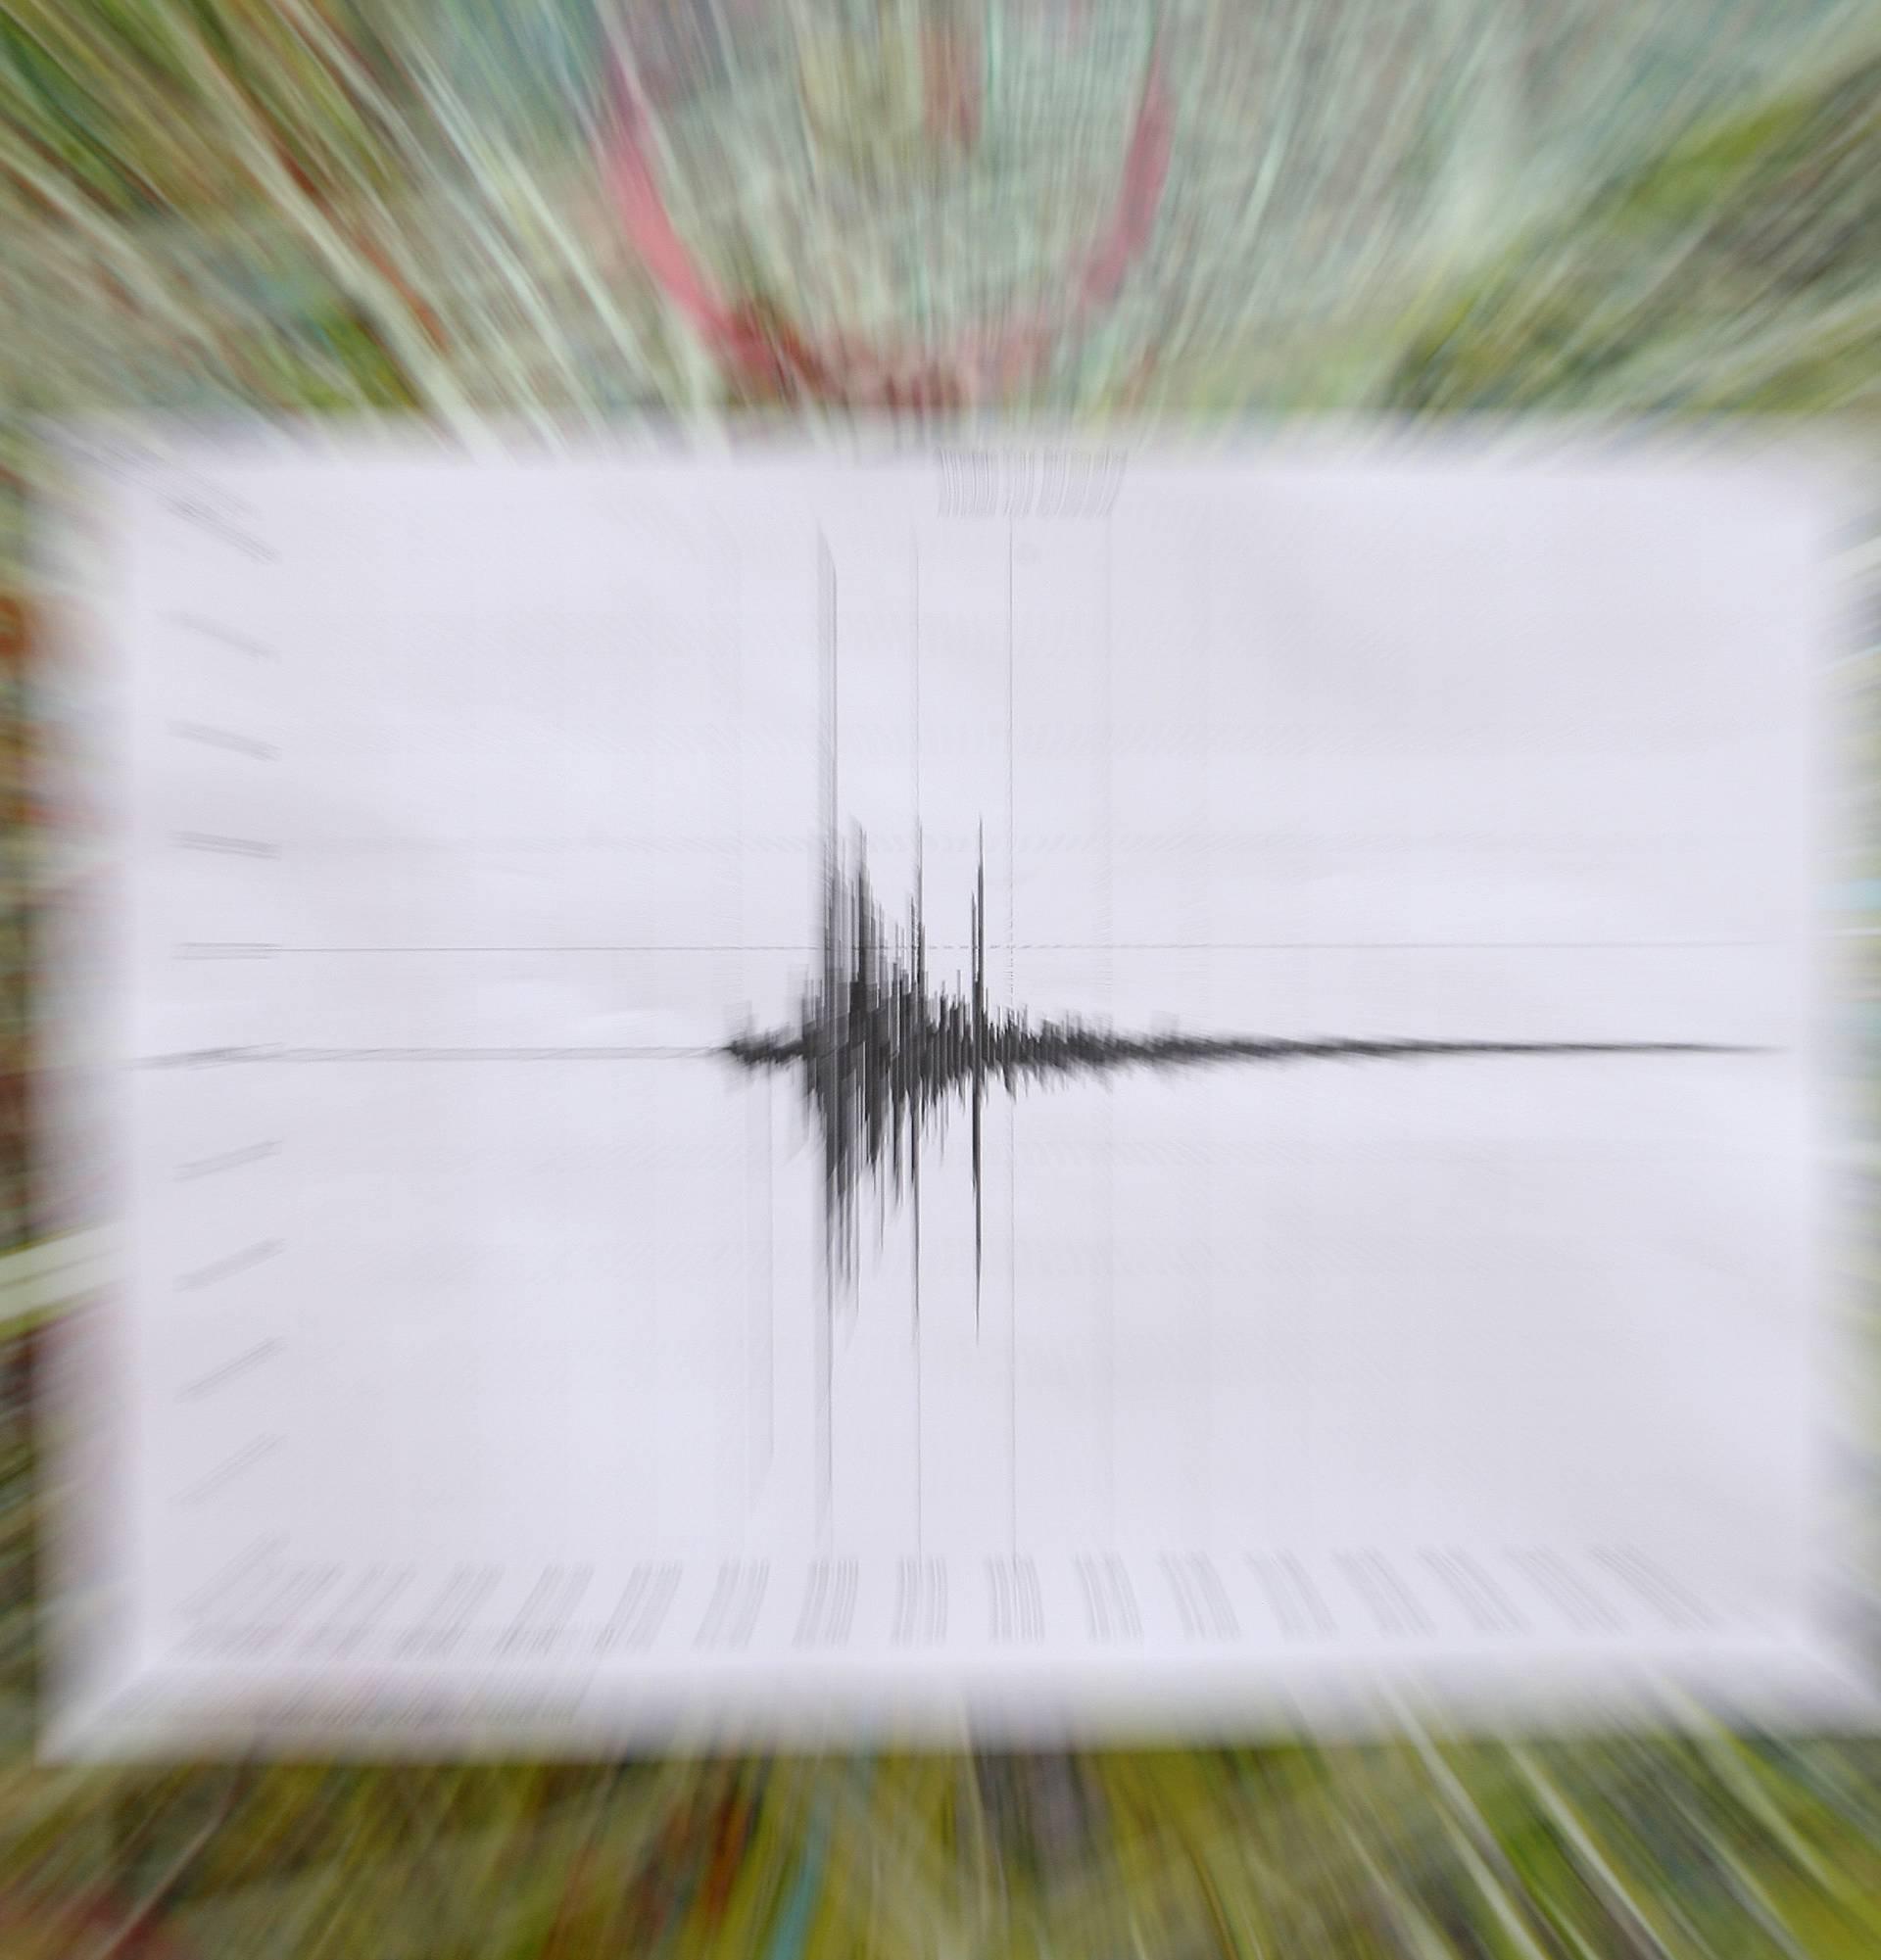 Snažan potres od 8,2 stupnja zatresao područje u Pacifiku